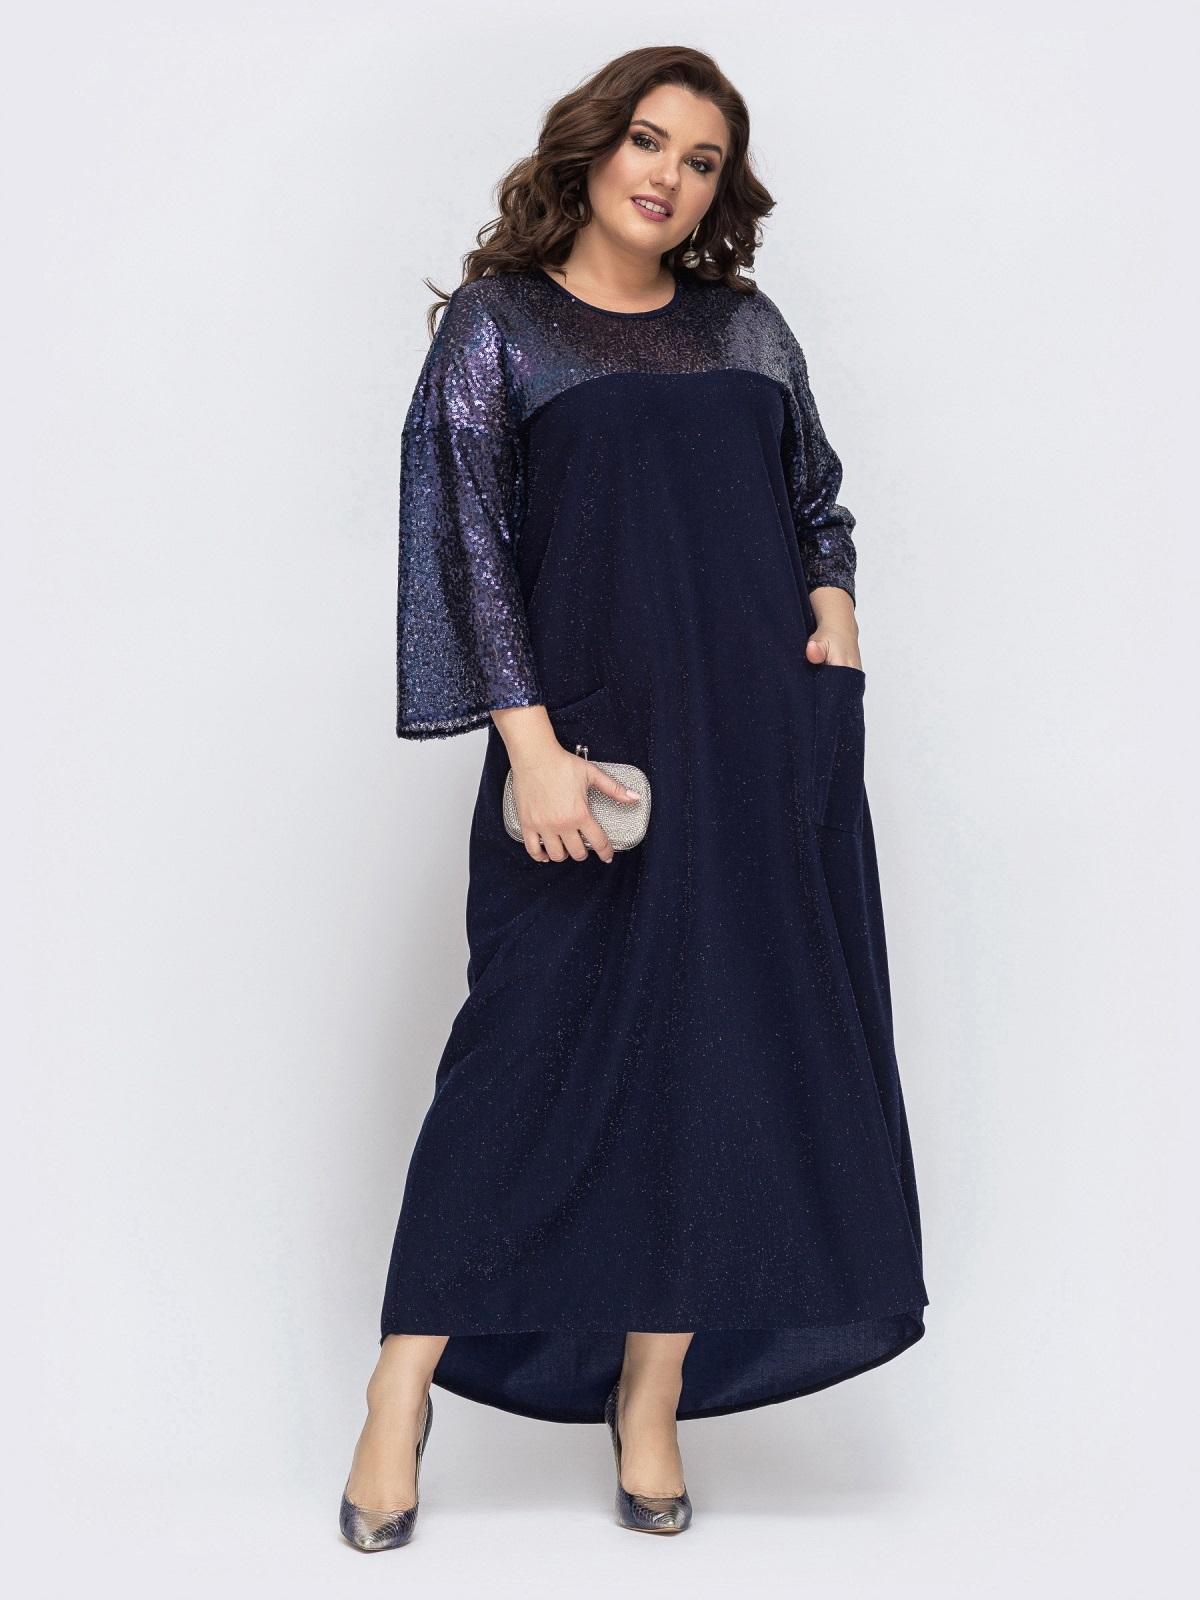 Тёмно-синее платье со вставками из пайеток 43205, фото 1